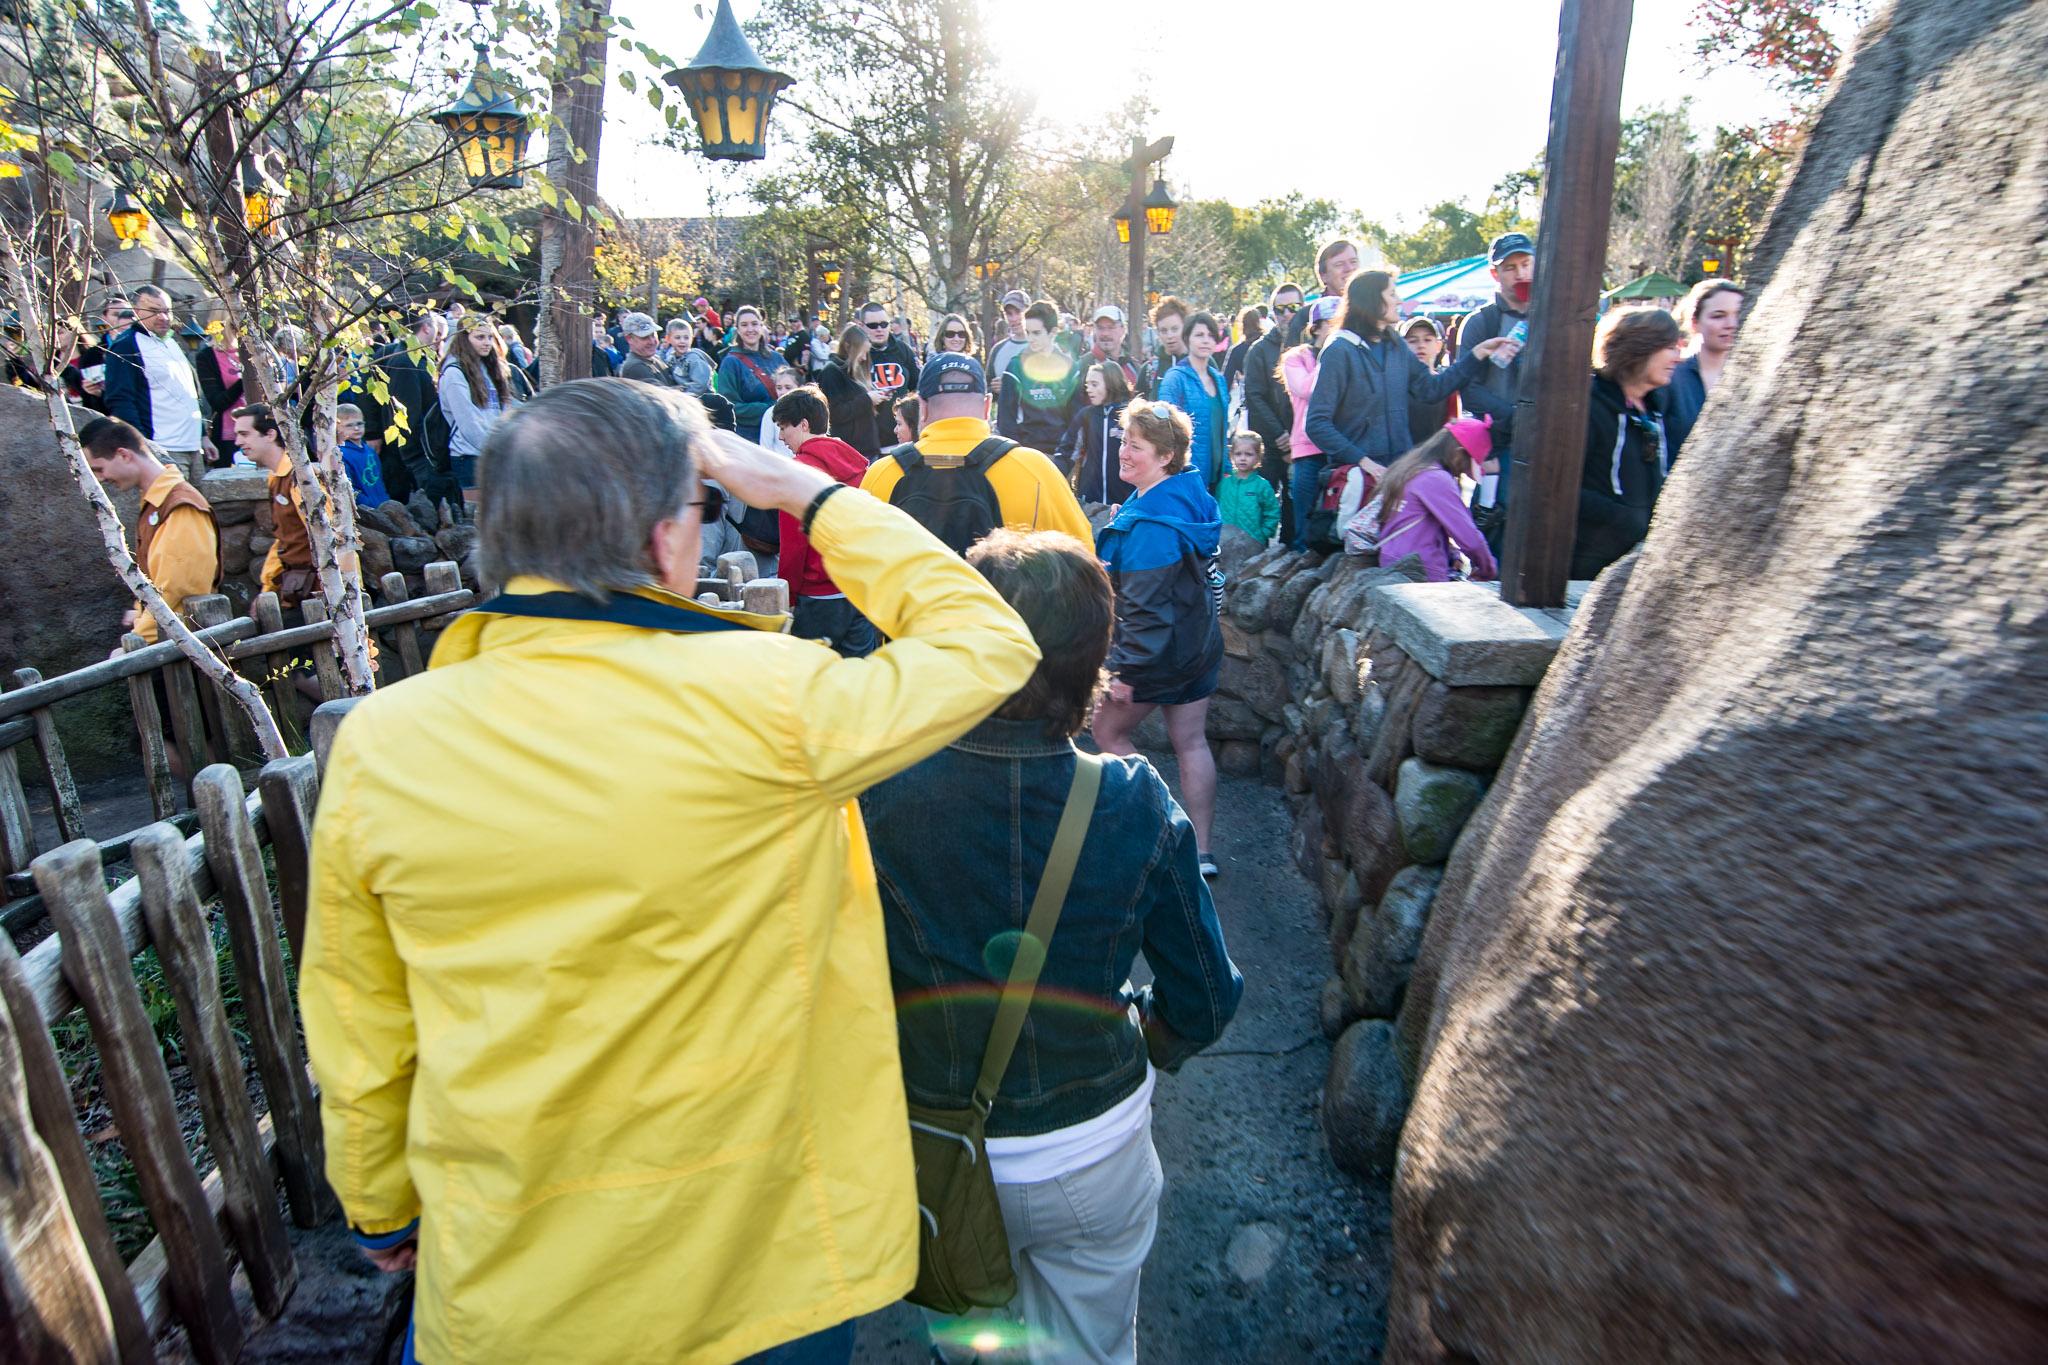 Crowds at Seven Dwarfs Mine Train - Walt Disney World Magic Kingdom